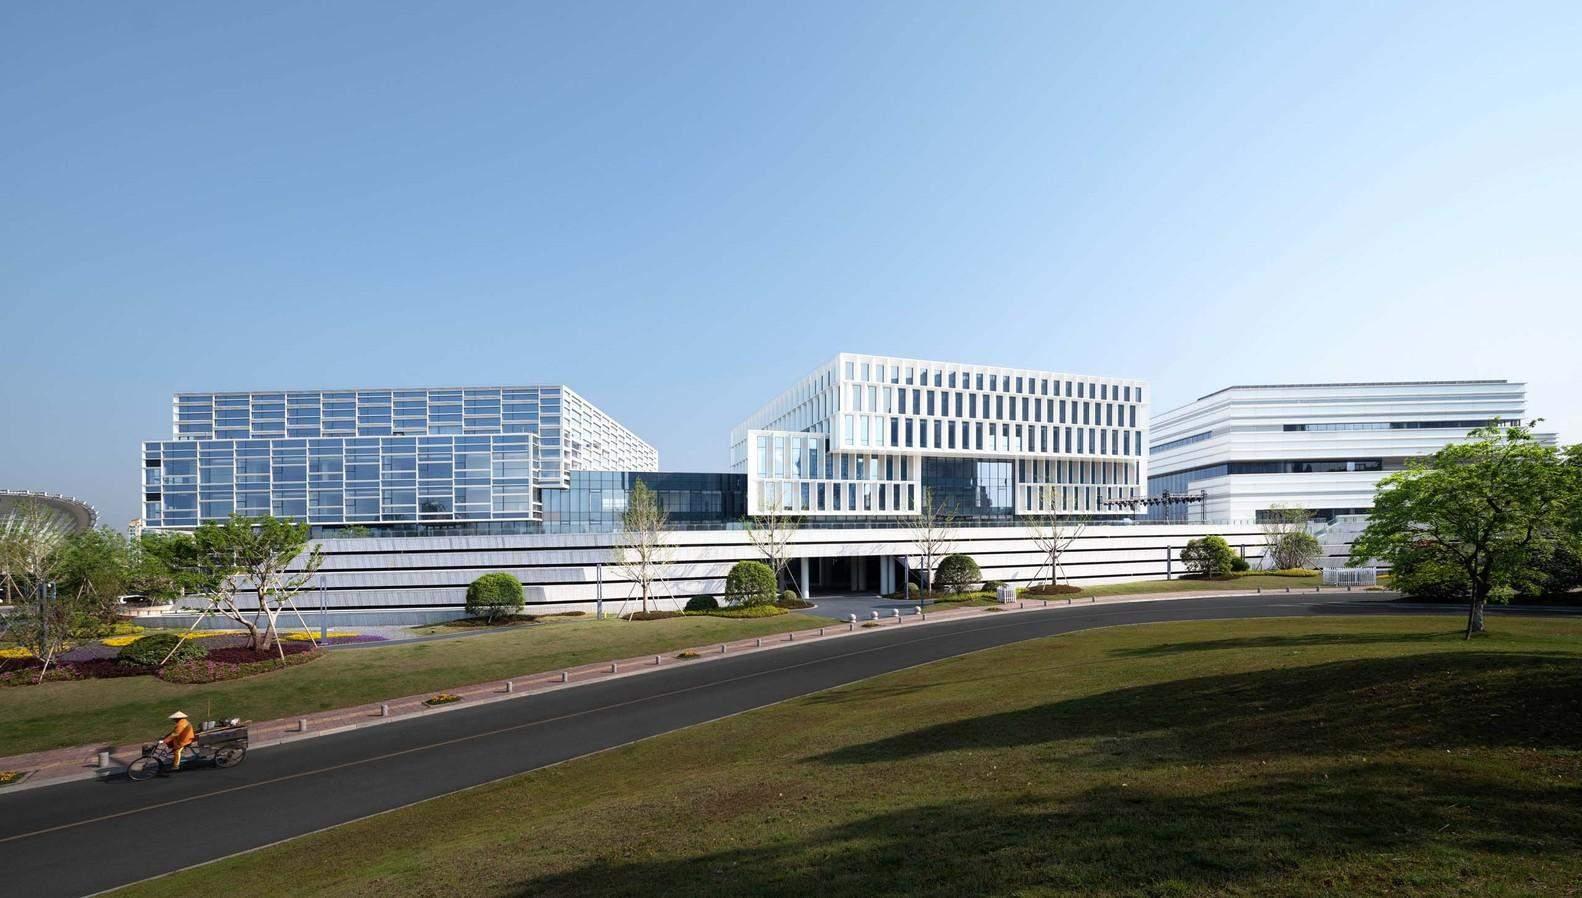 Зовнішній вигляд будівлі / Фото Аrchdaily